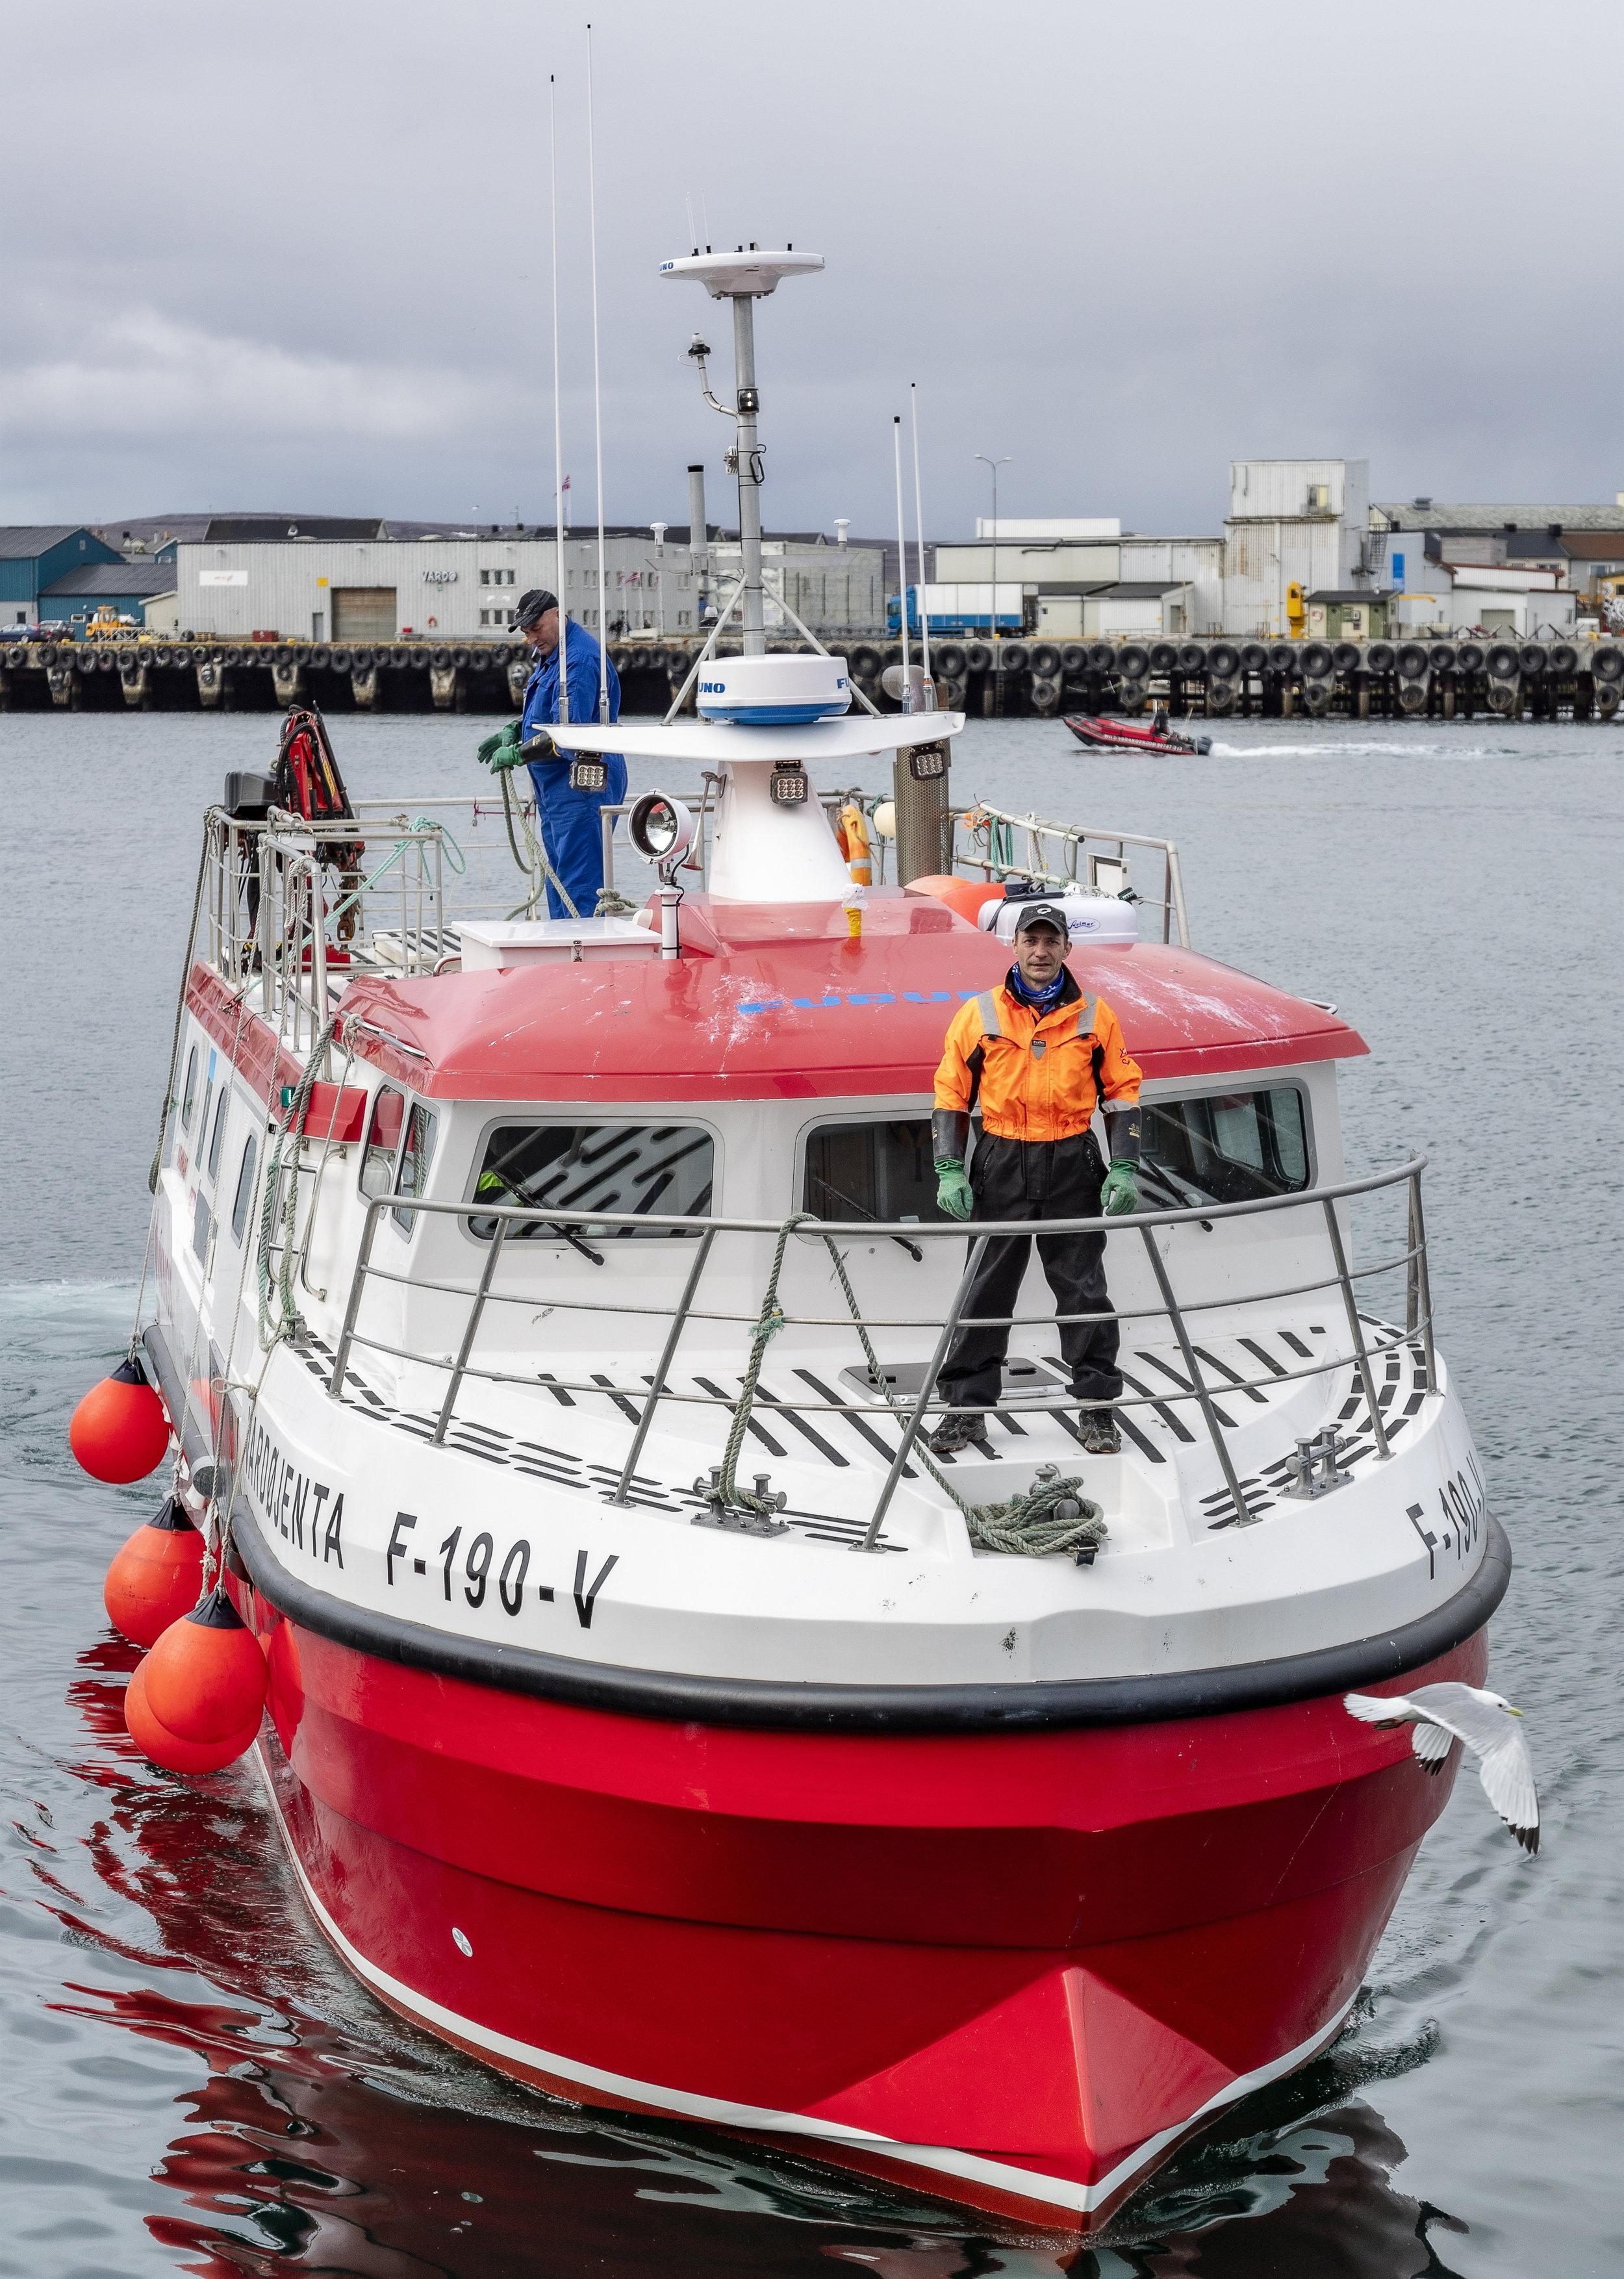 SPEEDSJARK: Båten er overbygd med varmeventiler som blåser inn luft på dekk. En ettertraktet båt å være mannskap på. Denne dagen er Halgrim Knutsen og Tonny Nilsen med.